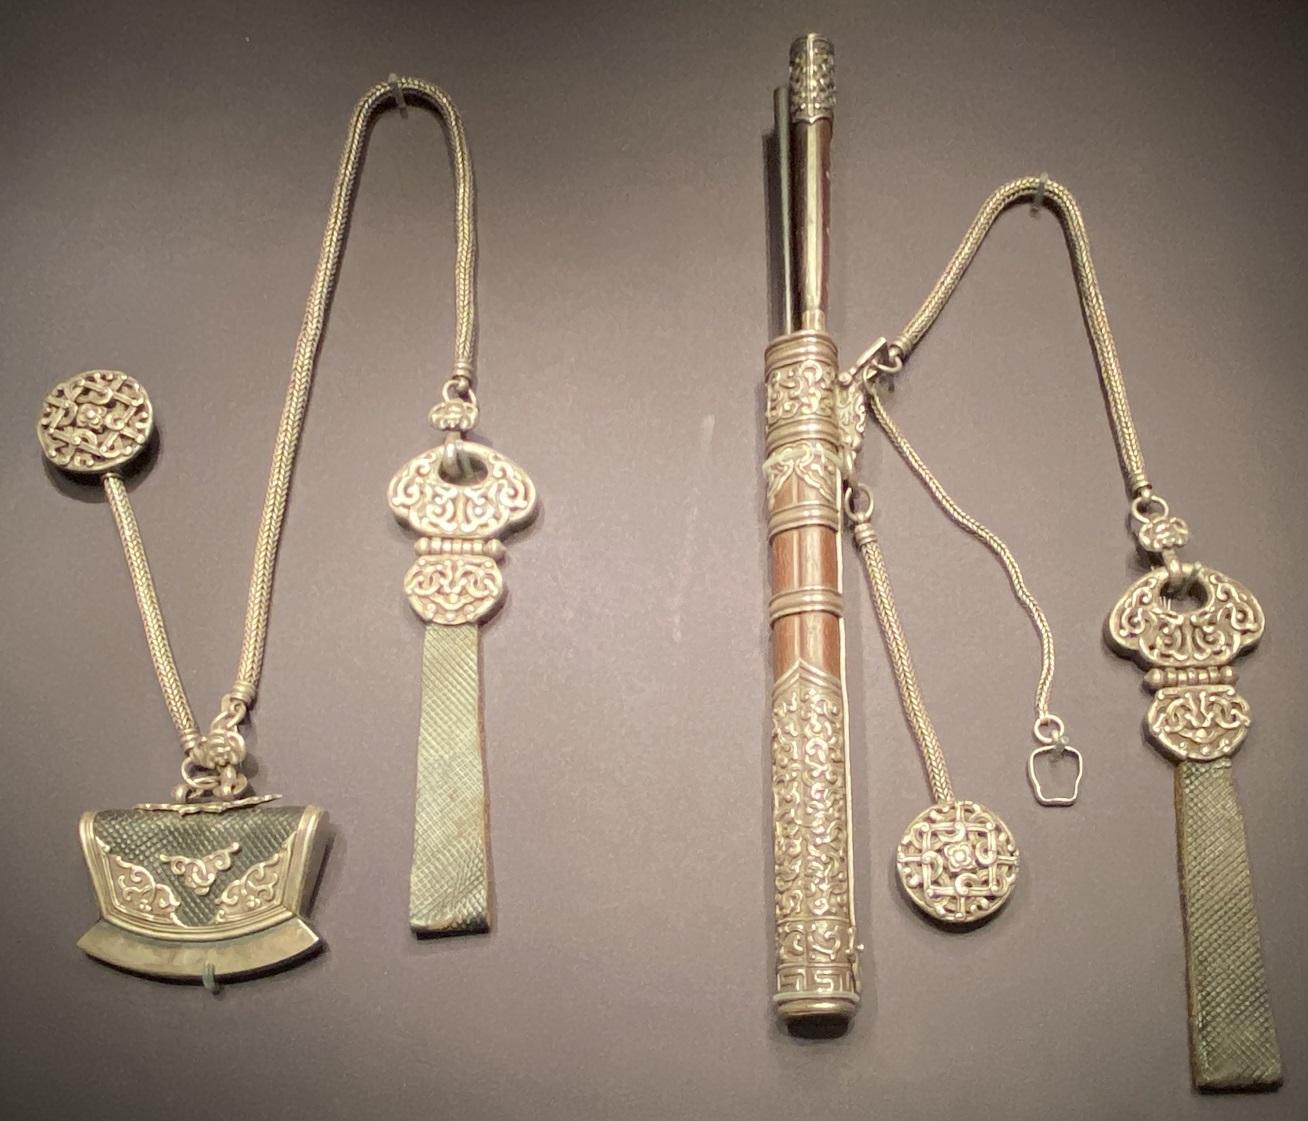 銀鏤花刀具-特別展【七宝玲瓏-ヒマラヤからの芸術珍品】-金沙遺跡博物館-成都